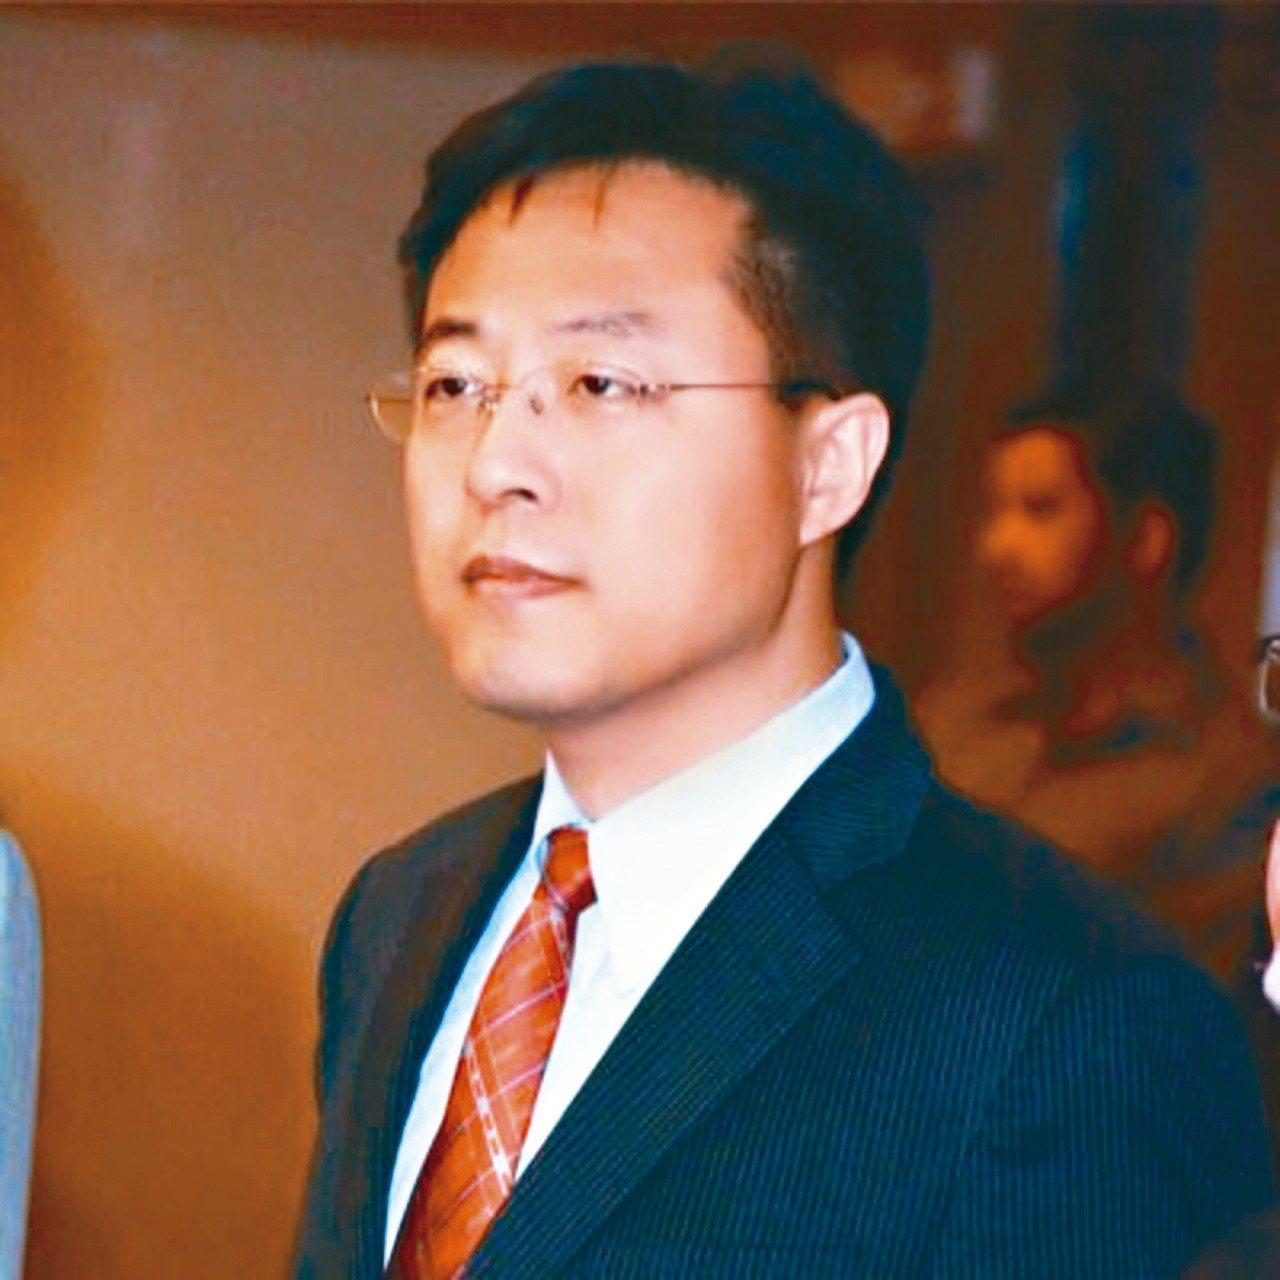 中國大陸外交官趙立堅(見圖)和美國前國家安全顧問萊斯在推特上辯論。 圖/趙立堅推...